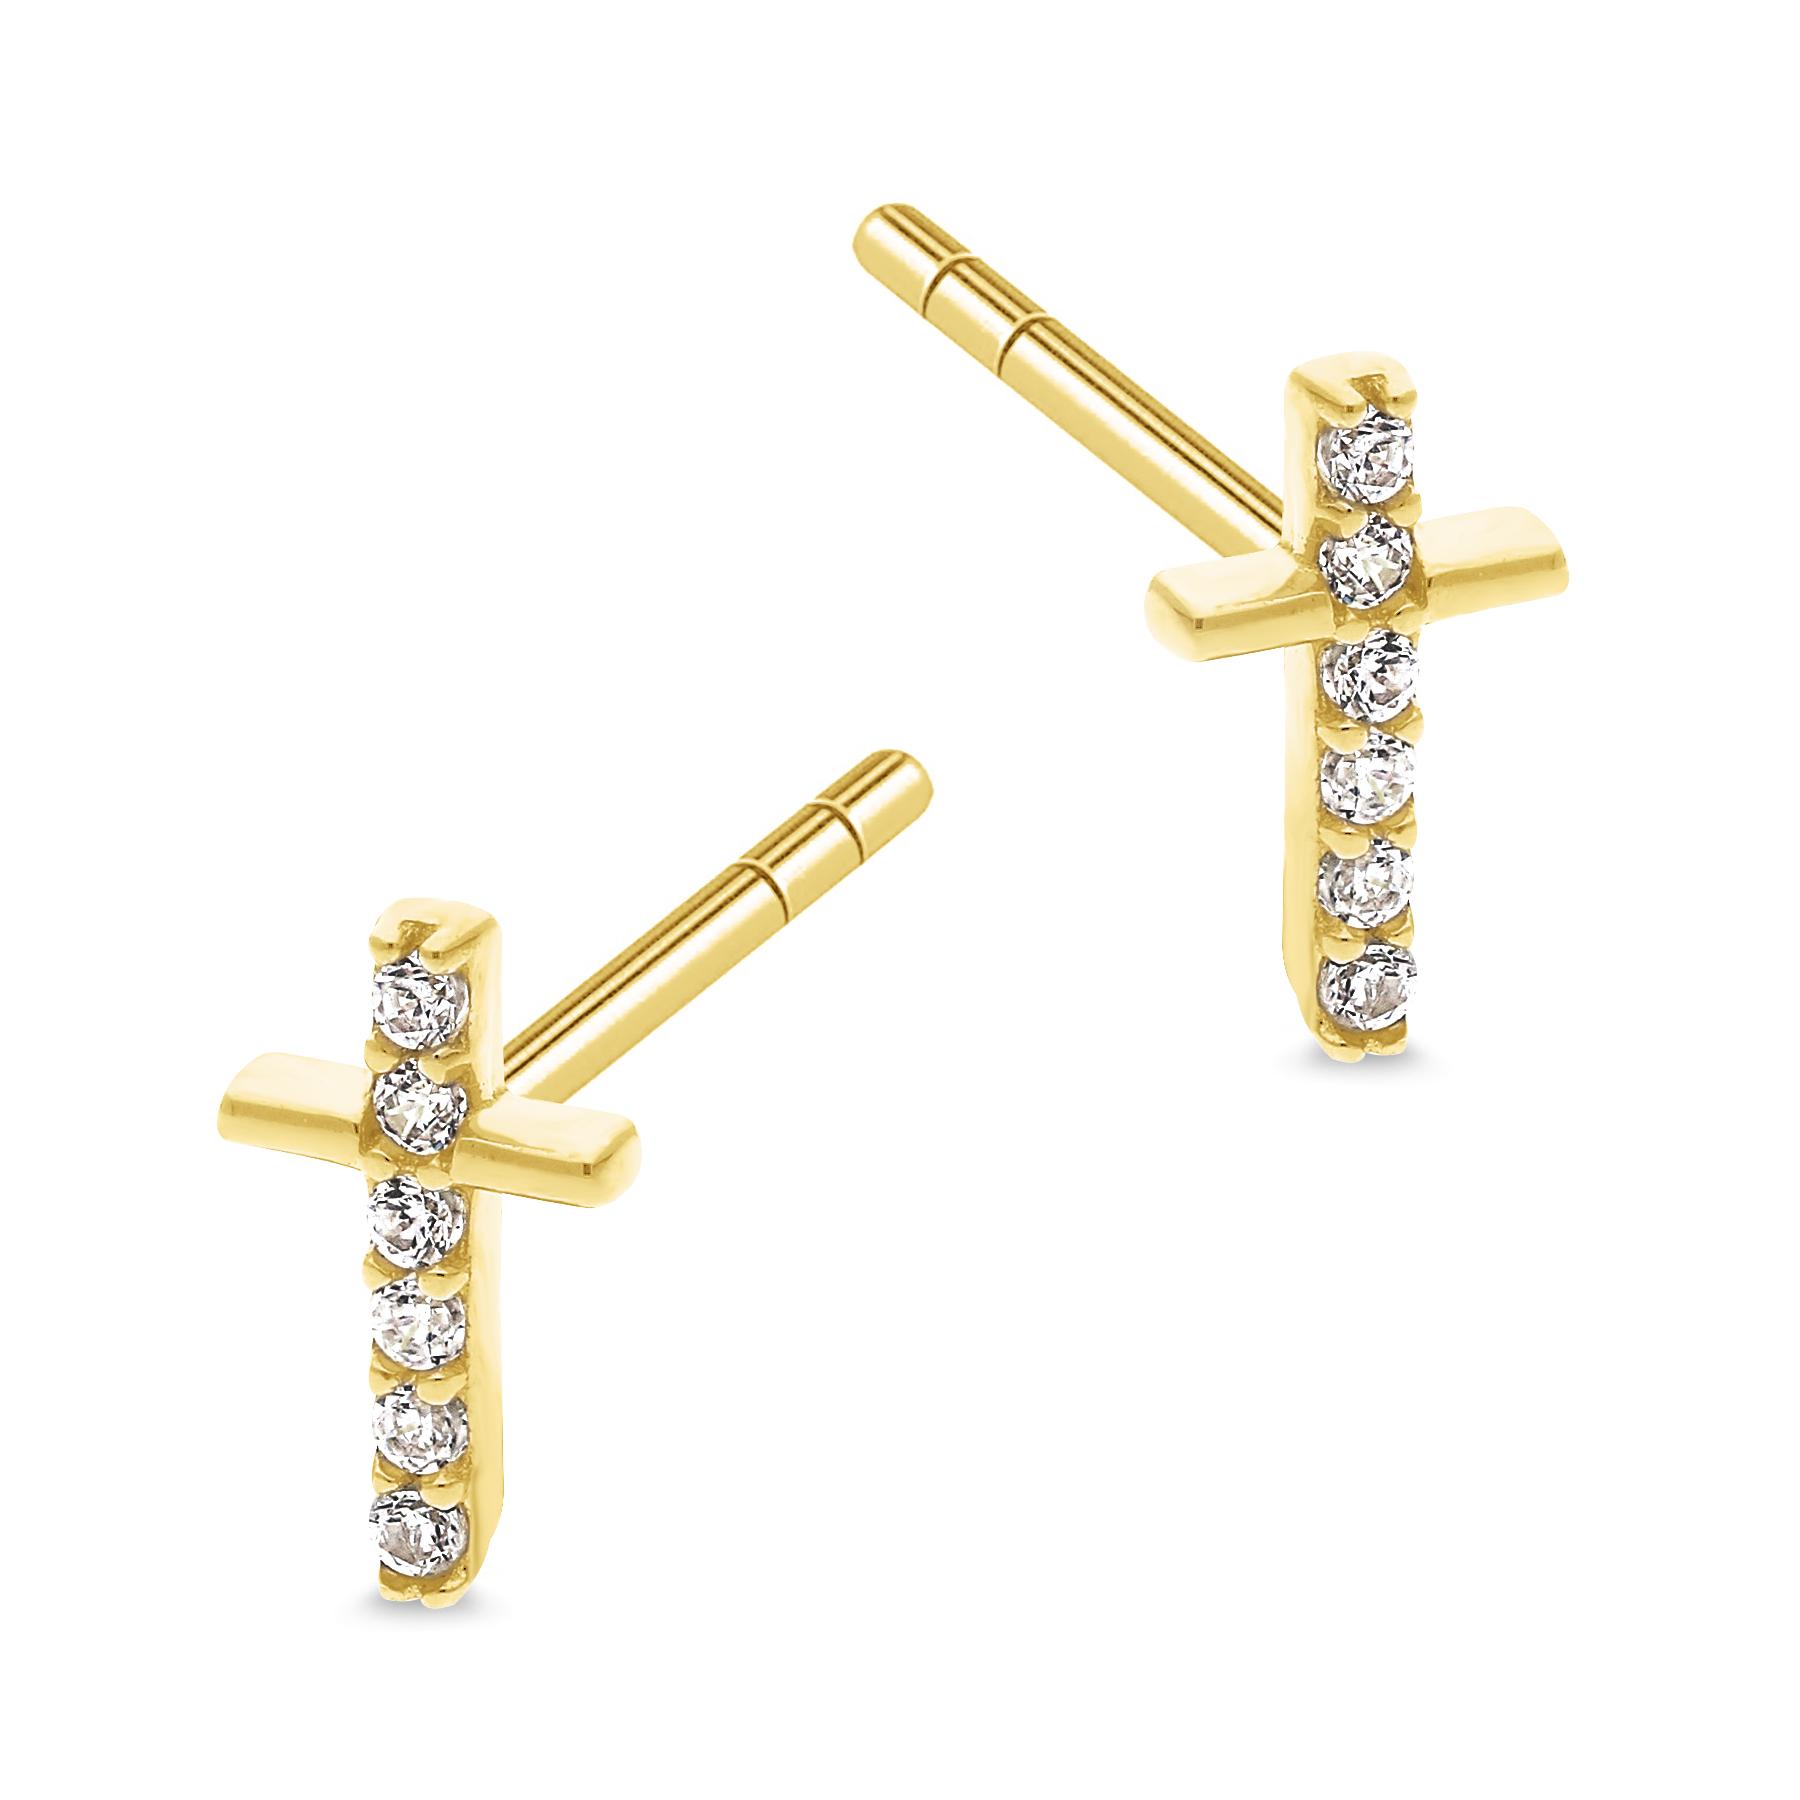 Harf M-372K-GZ-C-KRZ - biżuteria